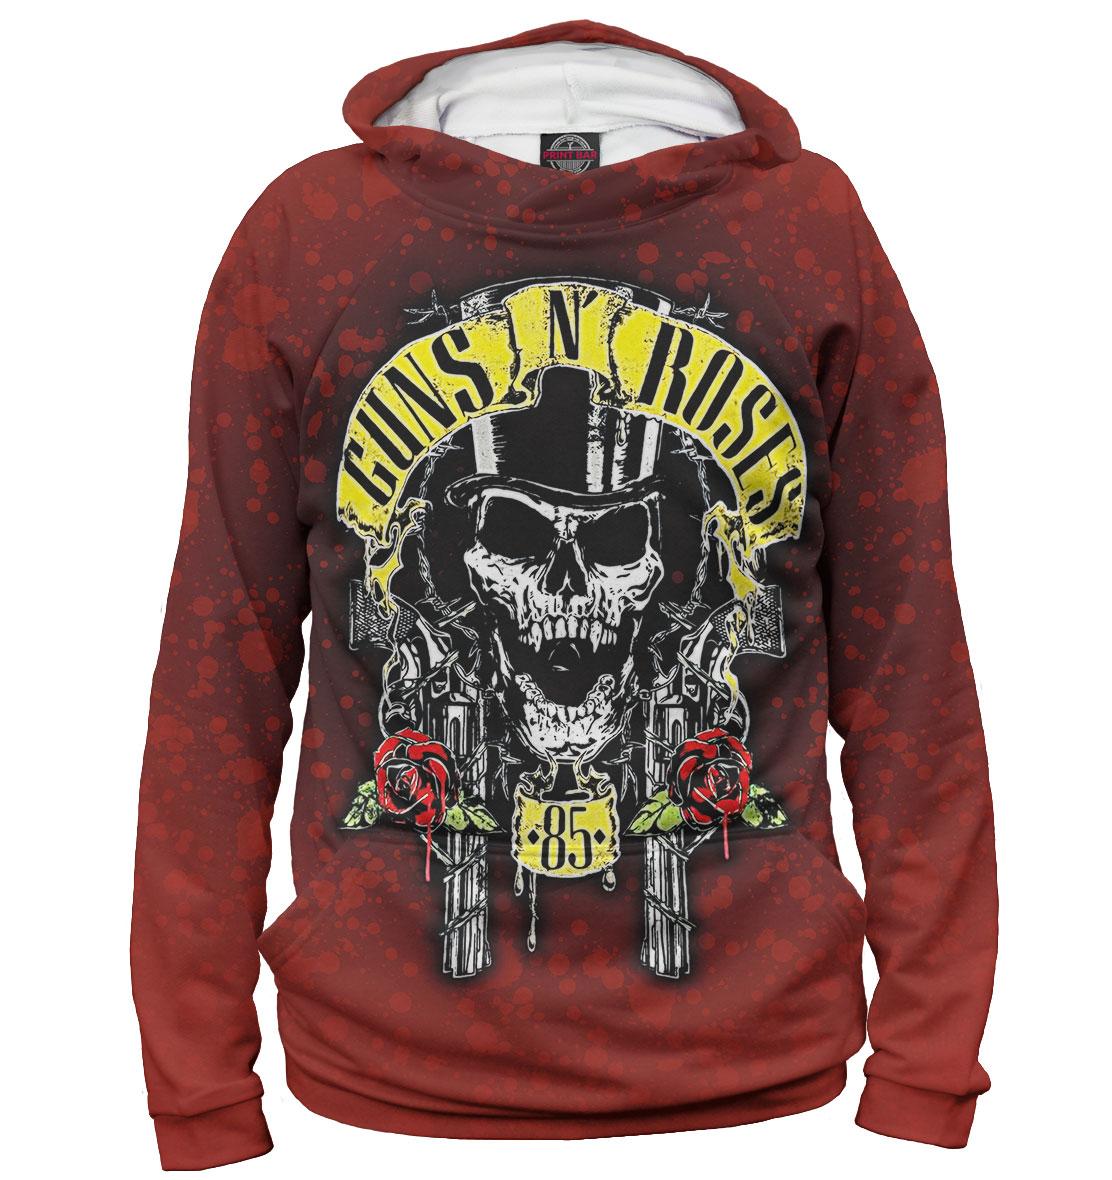 Купить Guns N' Roses, Printbar, Худи, GNR-681394-hud-2